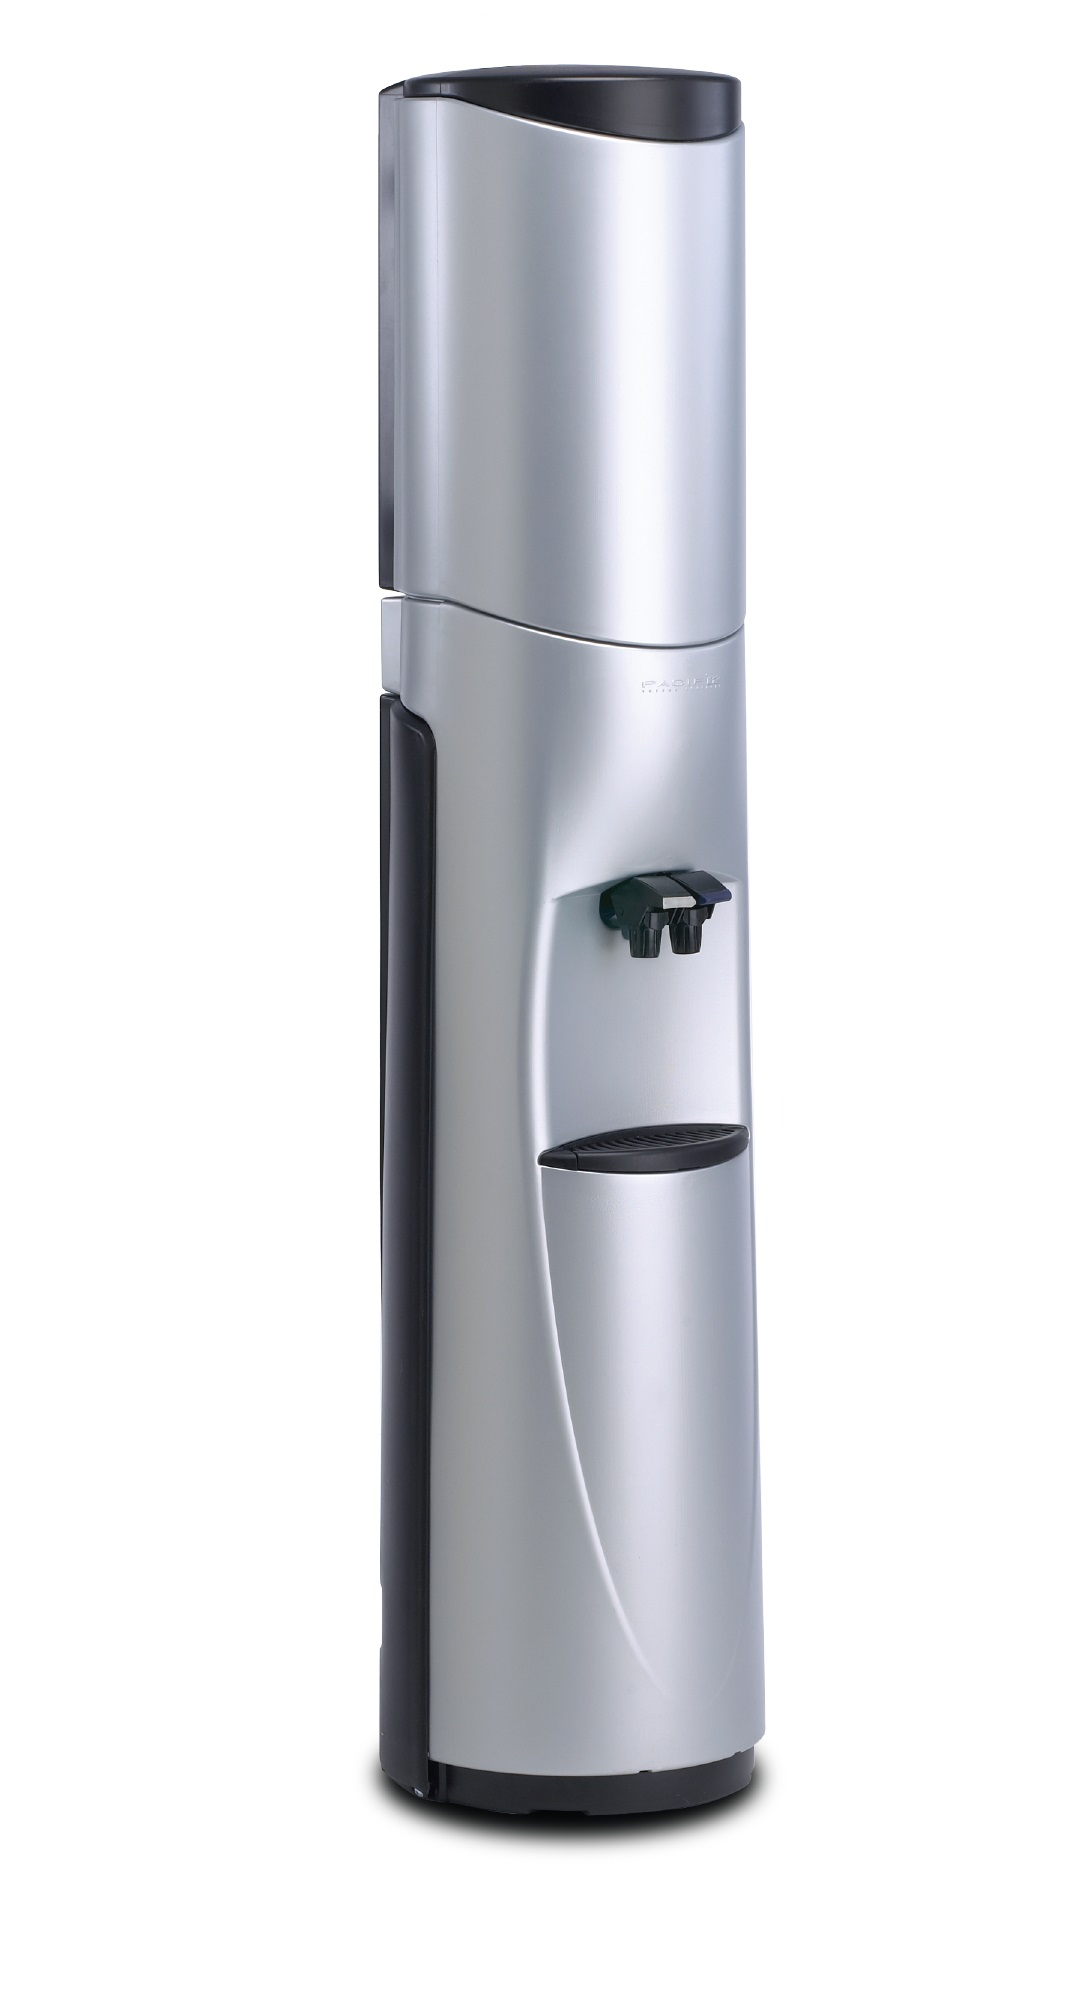 Home Bottled Water Cooler